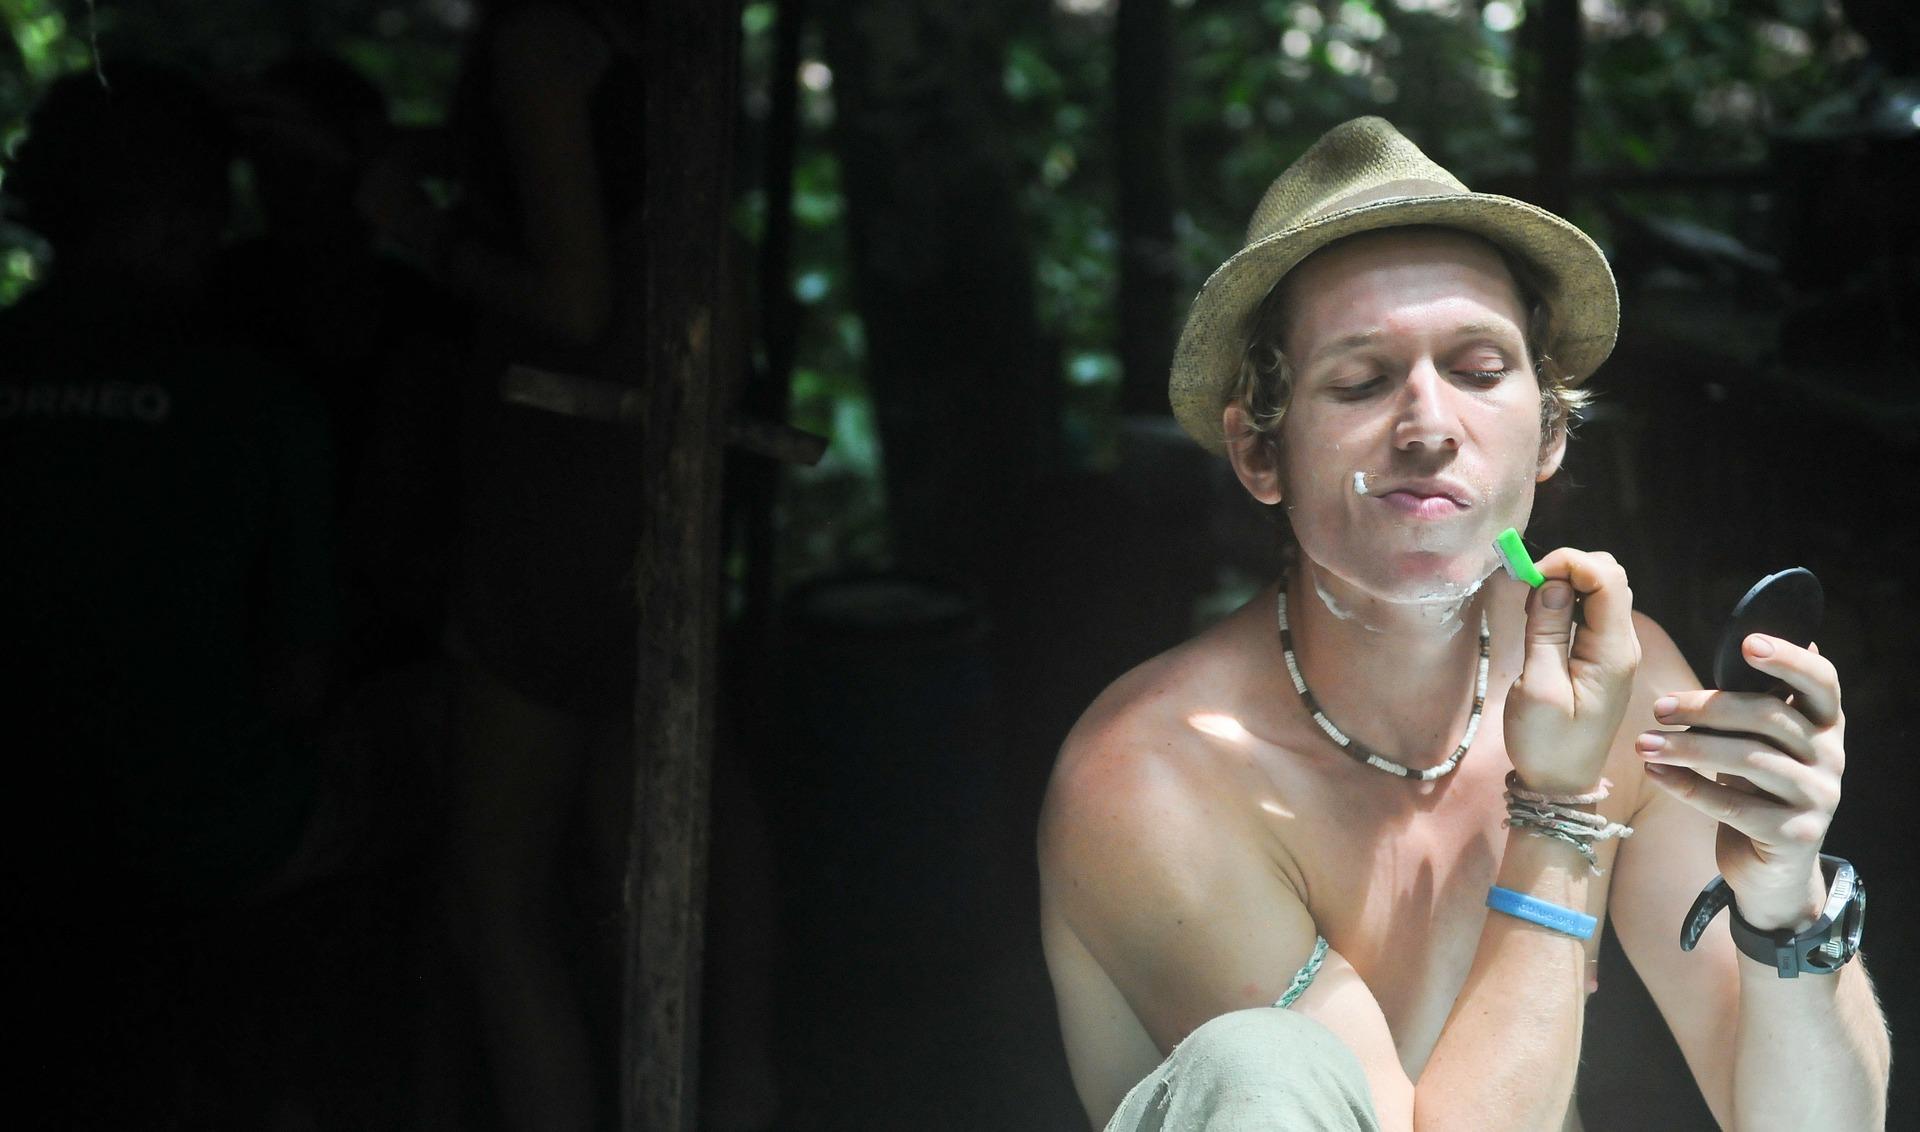 Mężczyzna w słomkowym kapeluszu, któy się goli